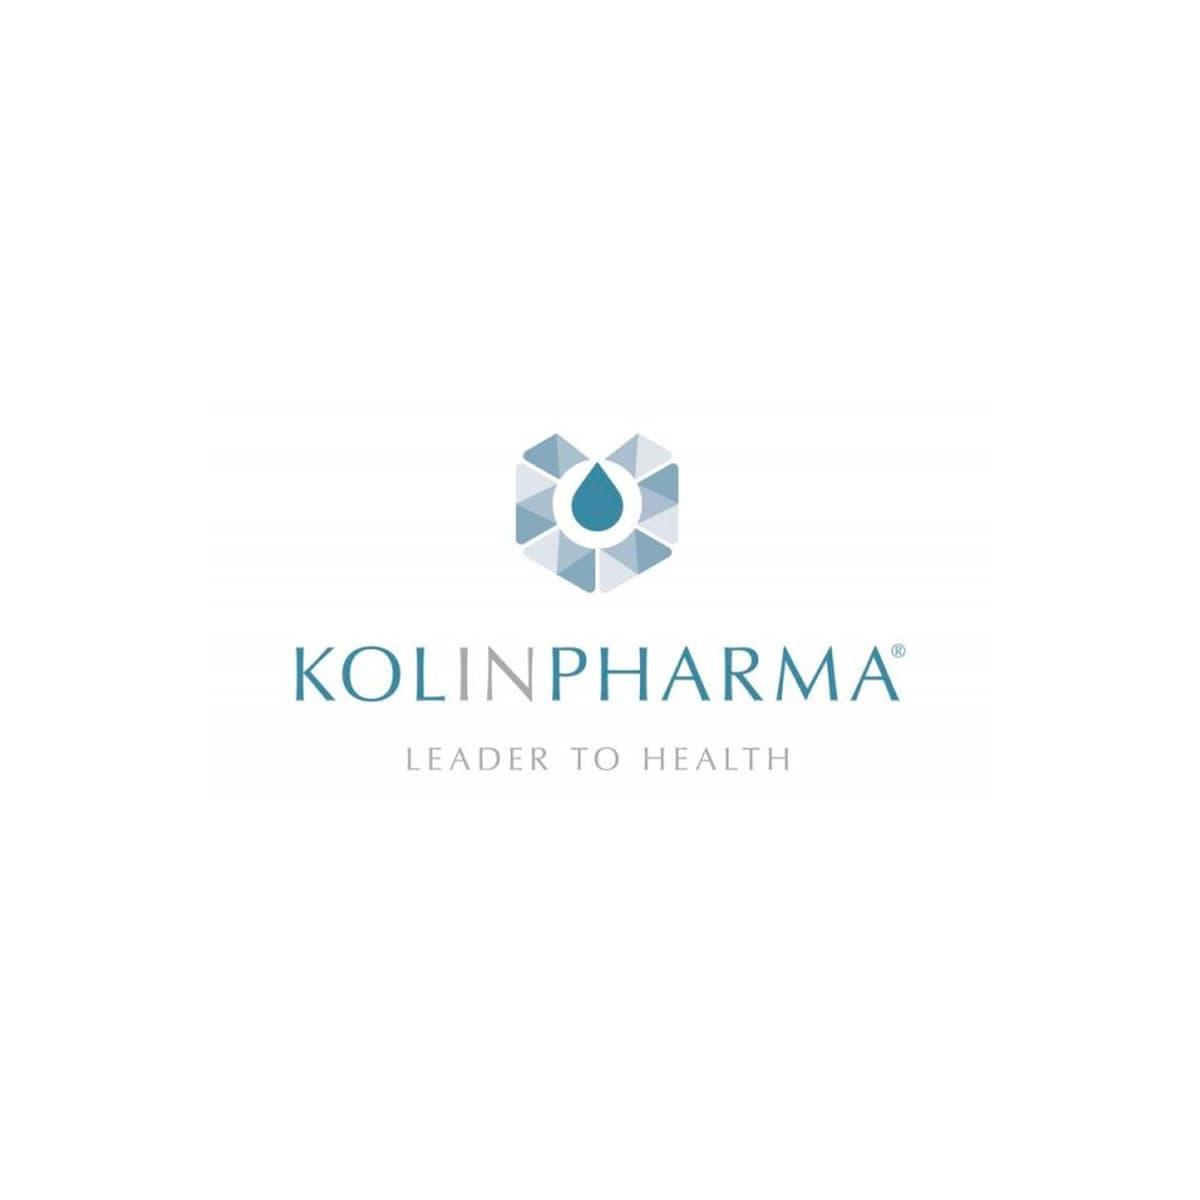 Kolinpharma, prescrizioni mediche in crescita nel quarto trimestre 2020